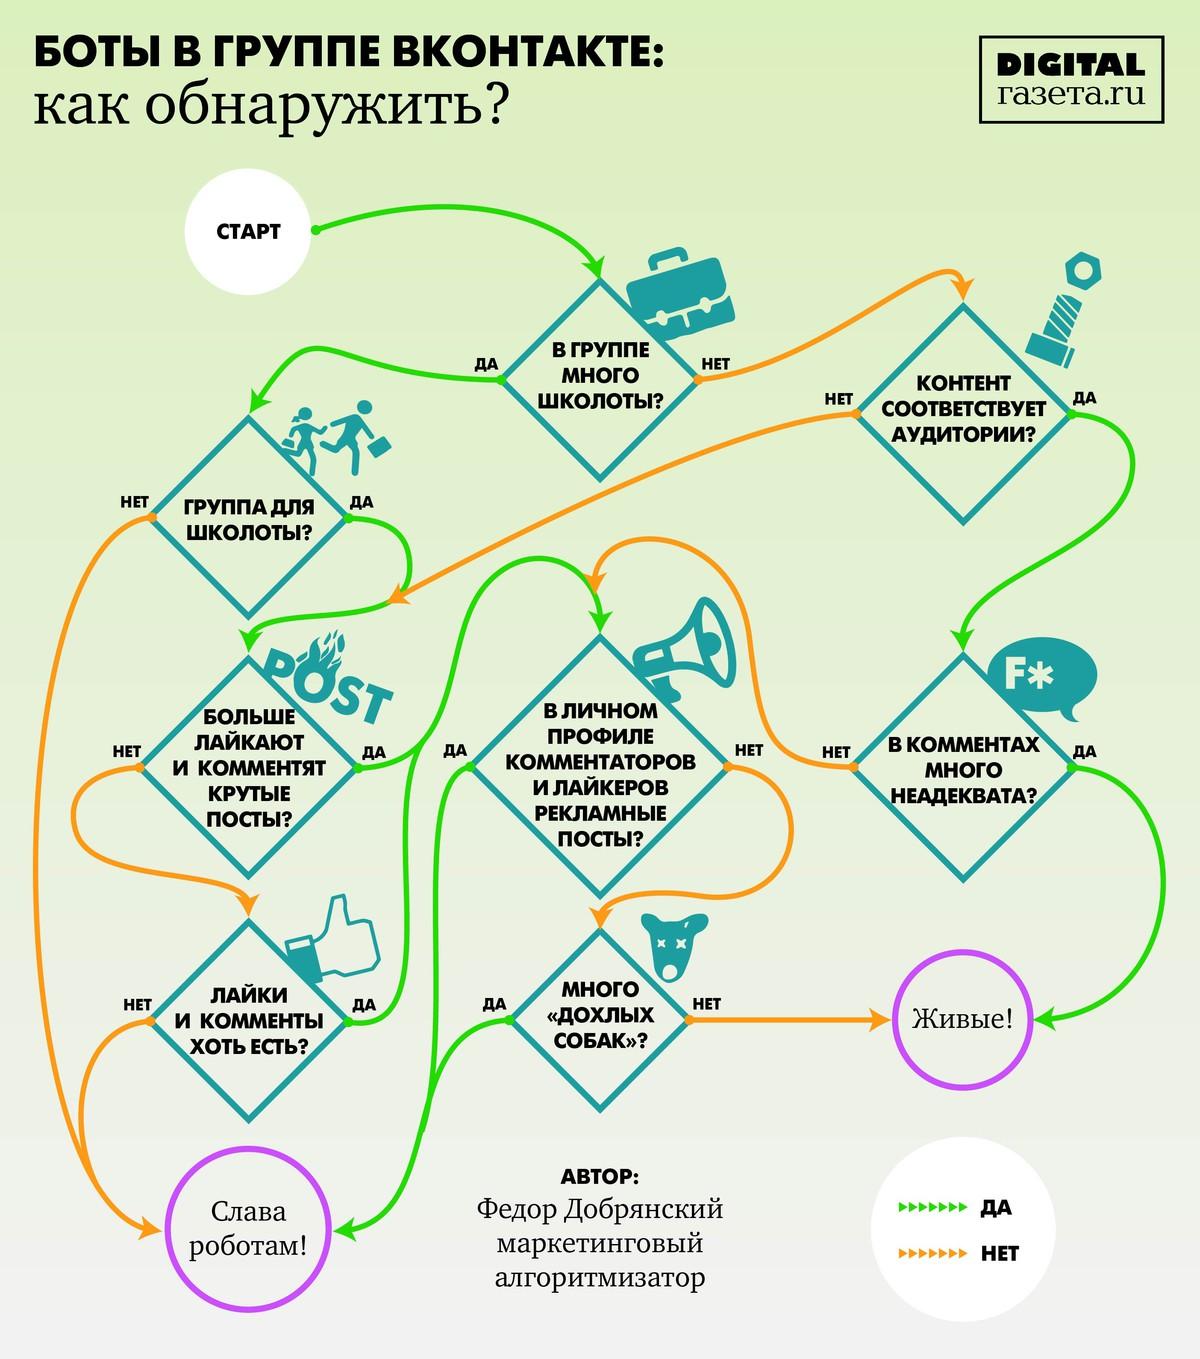 Купить ботов Вконтакте в группу дёшево от 24 рублей